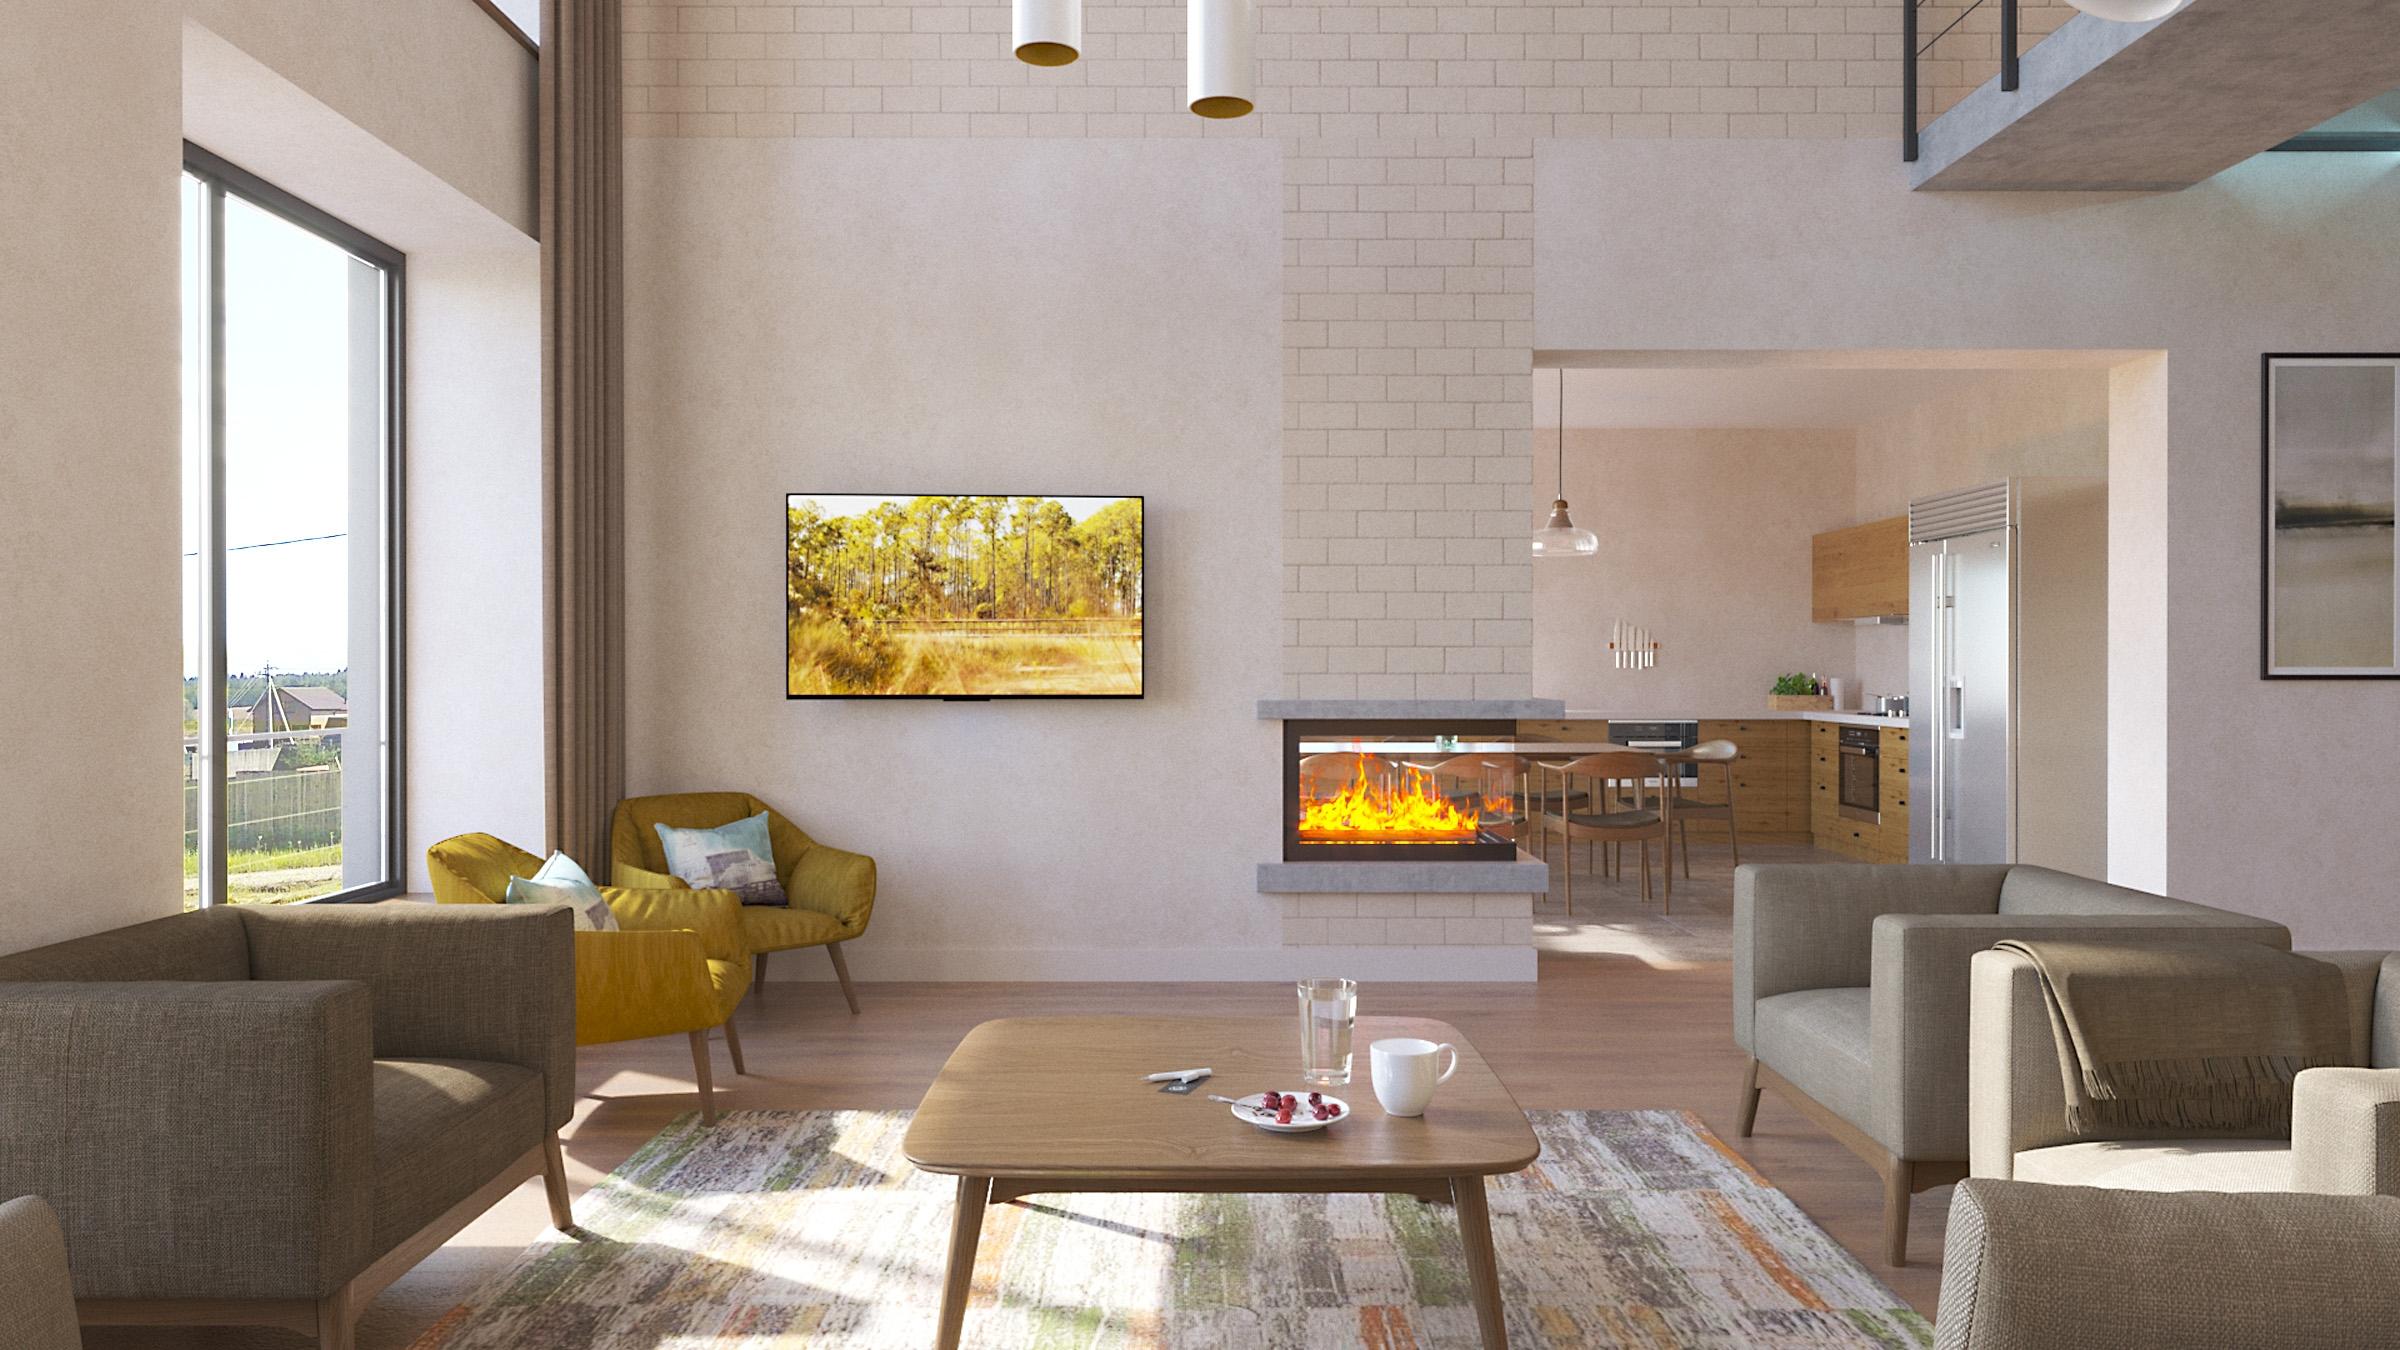 Изображение для проекта Современное поместье для большой семьи 2172